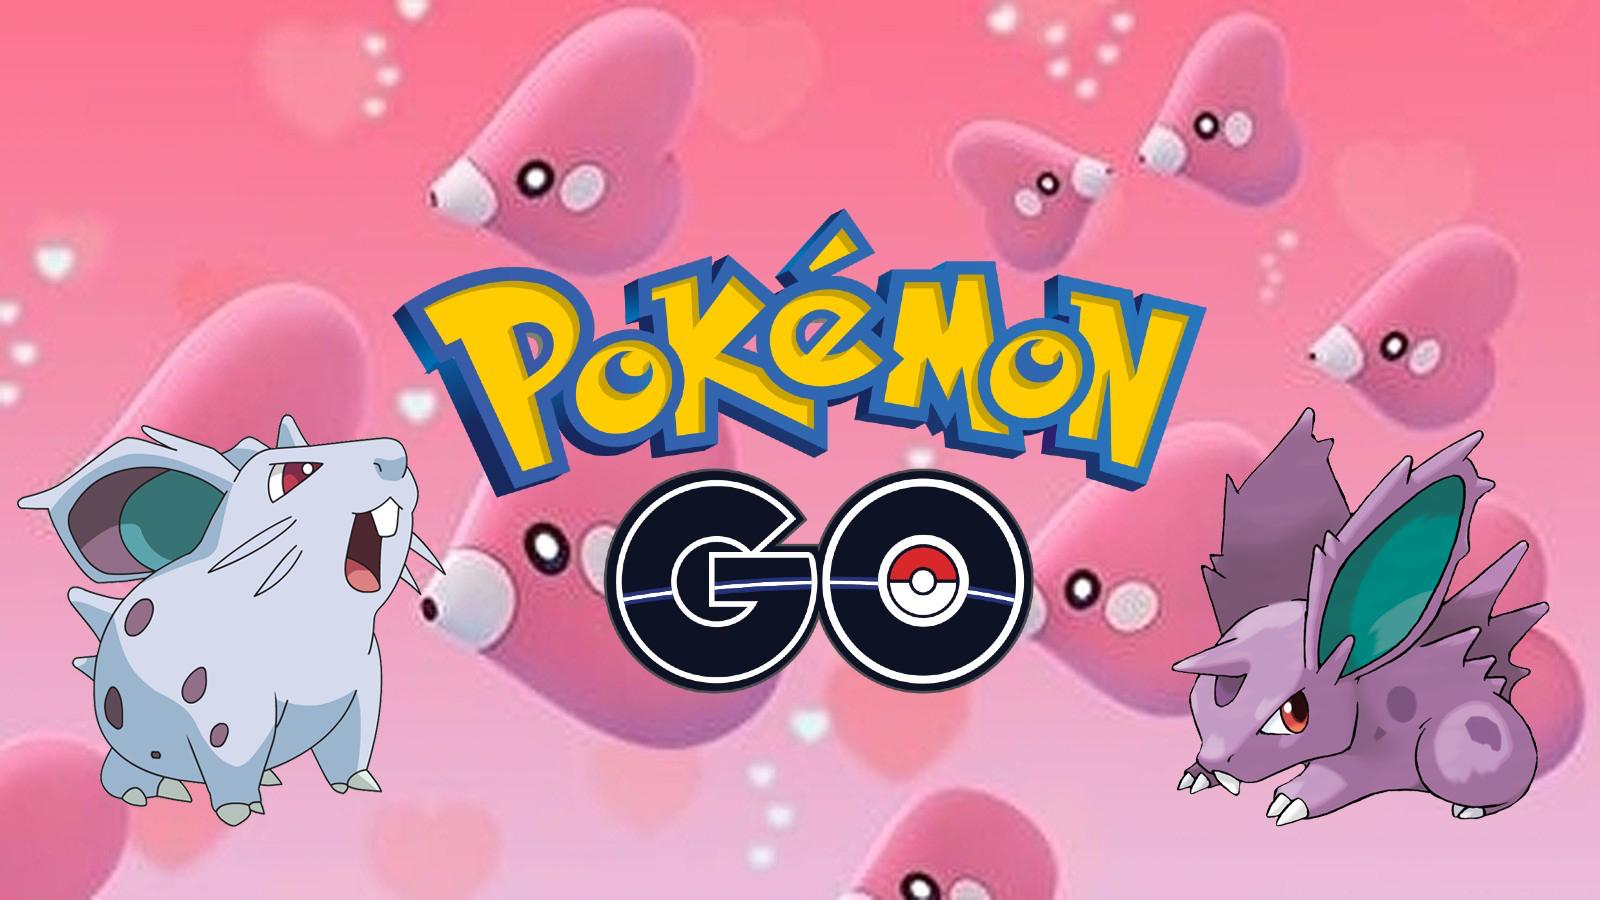 Pokemon Go Valentine's Day Challenge